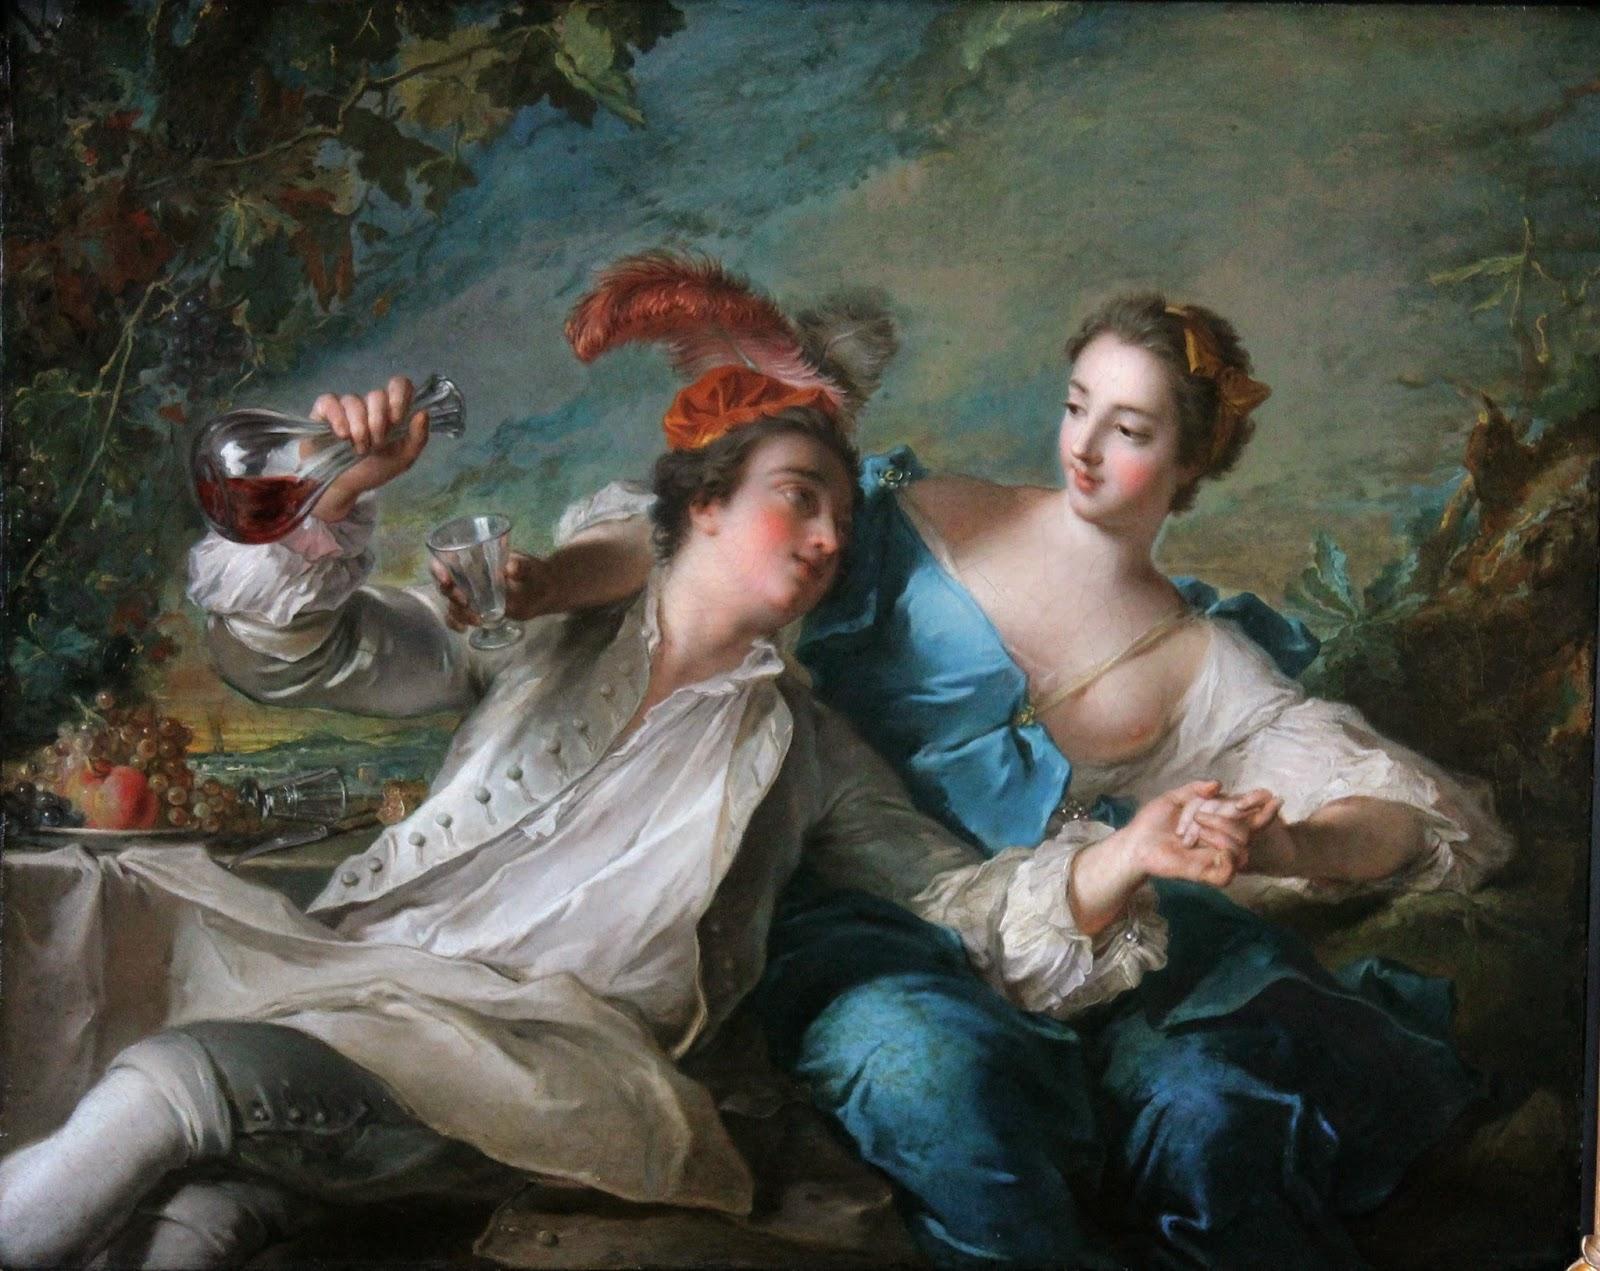 Los amantes (1744), de Jean-Marc Nattier